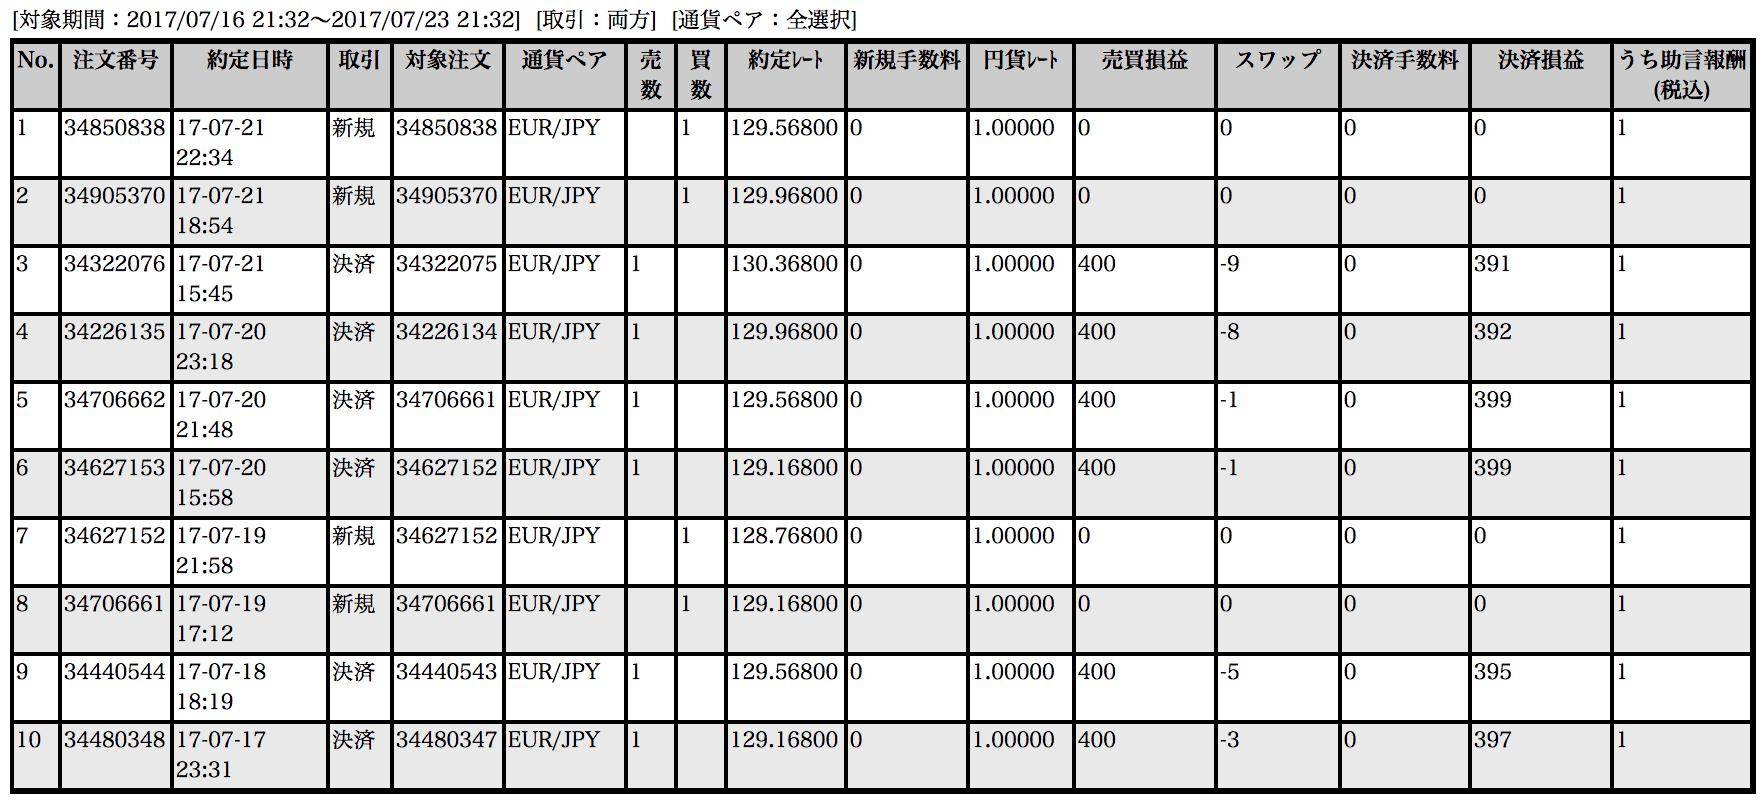 【ループイフダン】7月17〜21日の収支は+2,373円!ユーロ円で堅実運用(*´∀`*)キュン!【限定キャンペーン実施中】